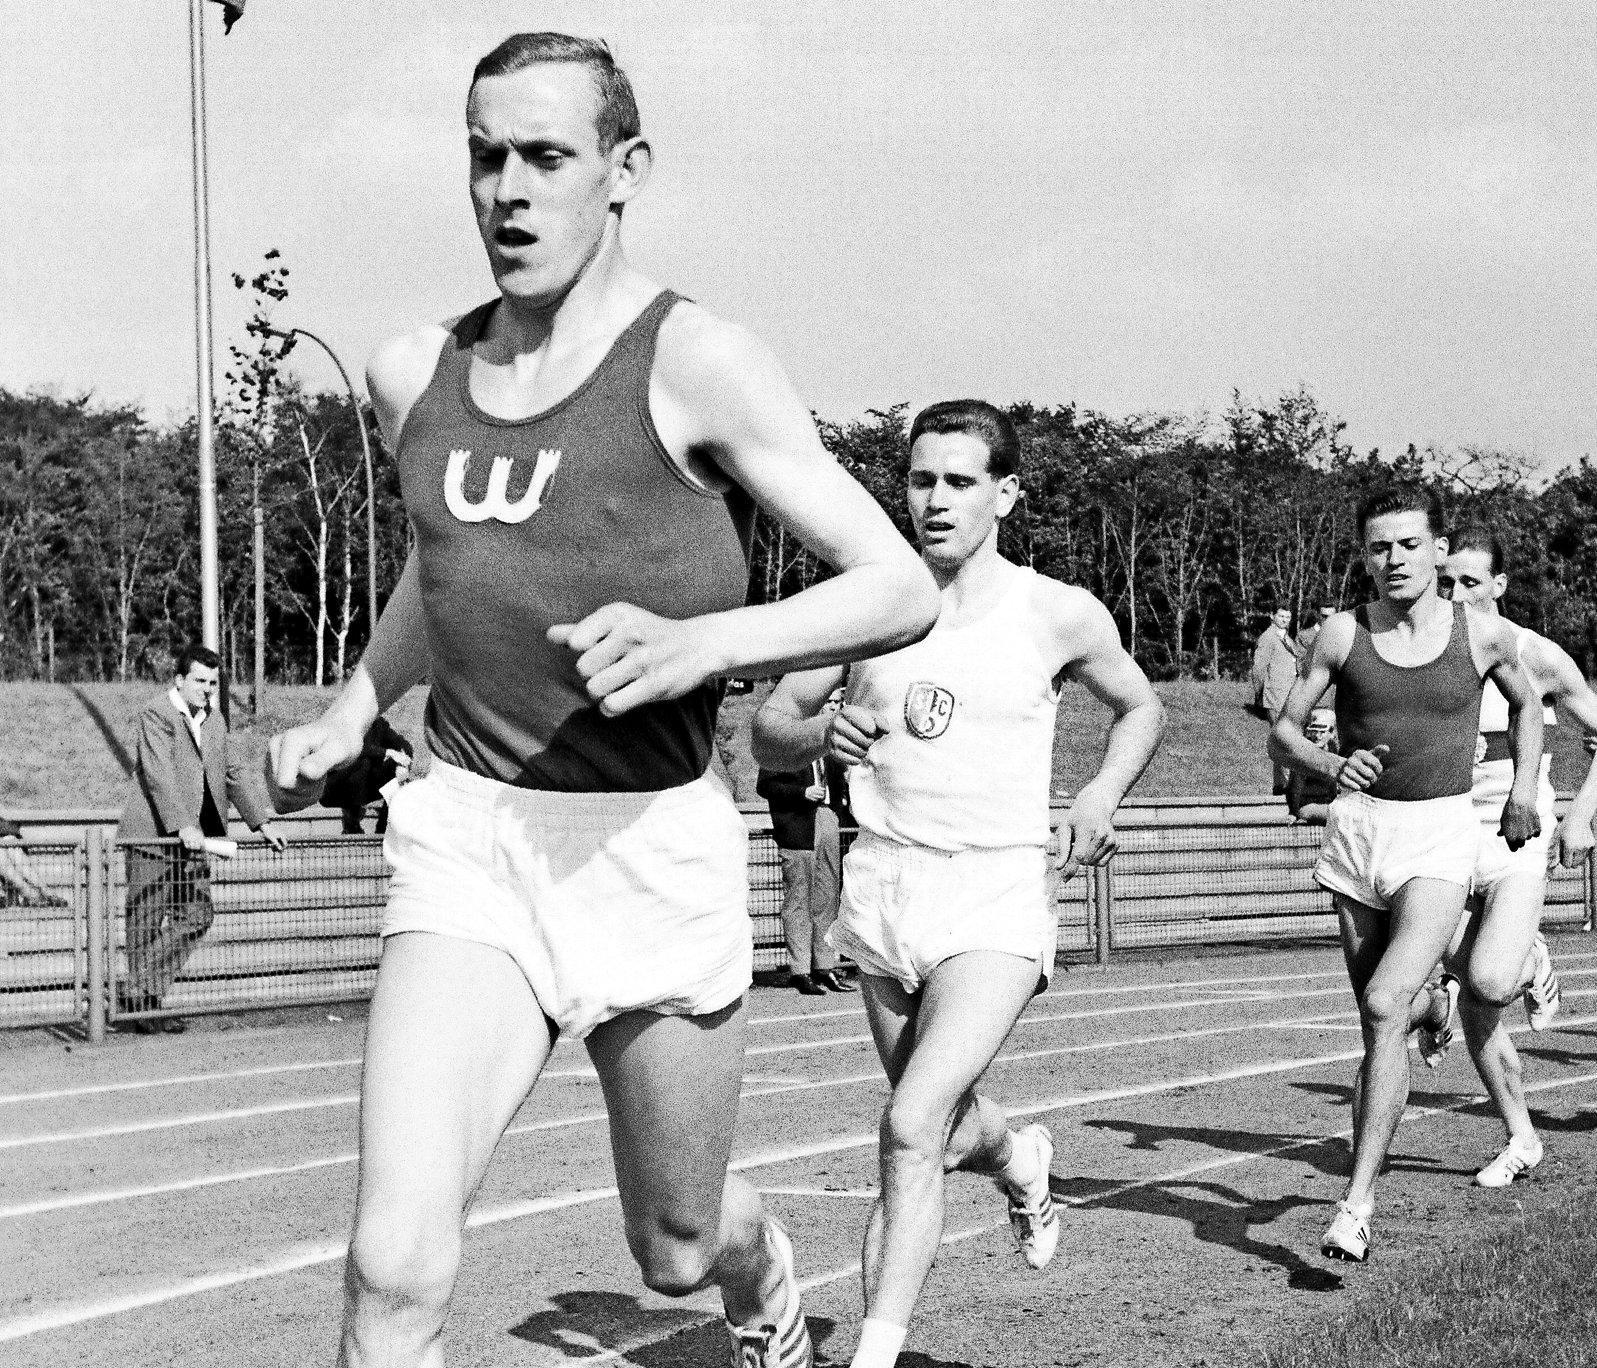 Früh vorn dabei: In sechziger Jahren hatte der VfL eine ganze Reihe von herausragenden Leichtathleten – hier Arno Krause 1965 beim Sportfest in Gelsenkirchen-Buer.